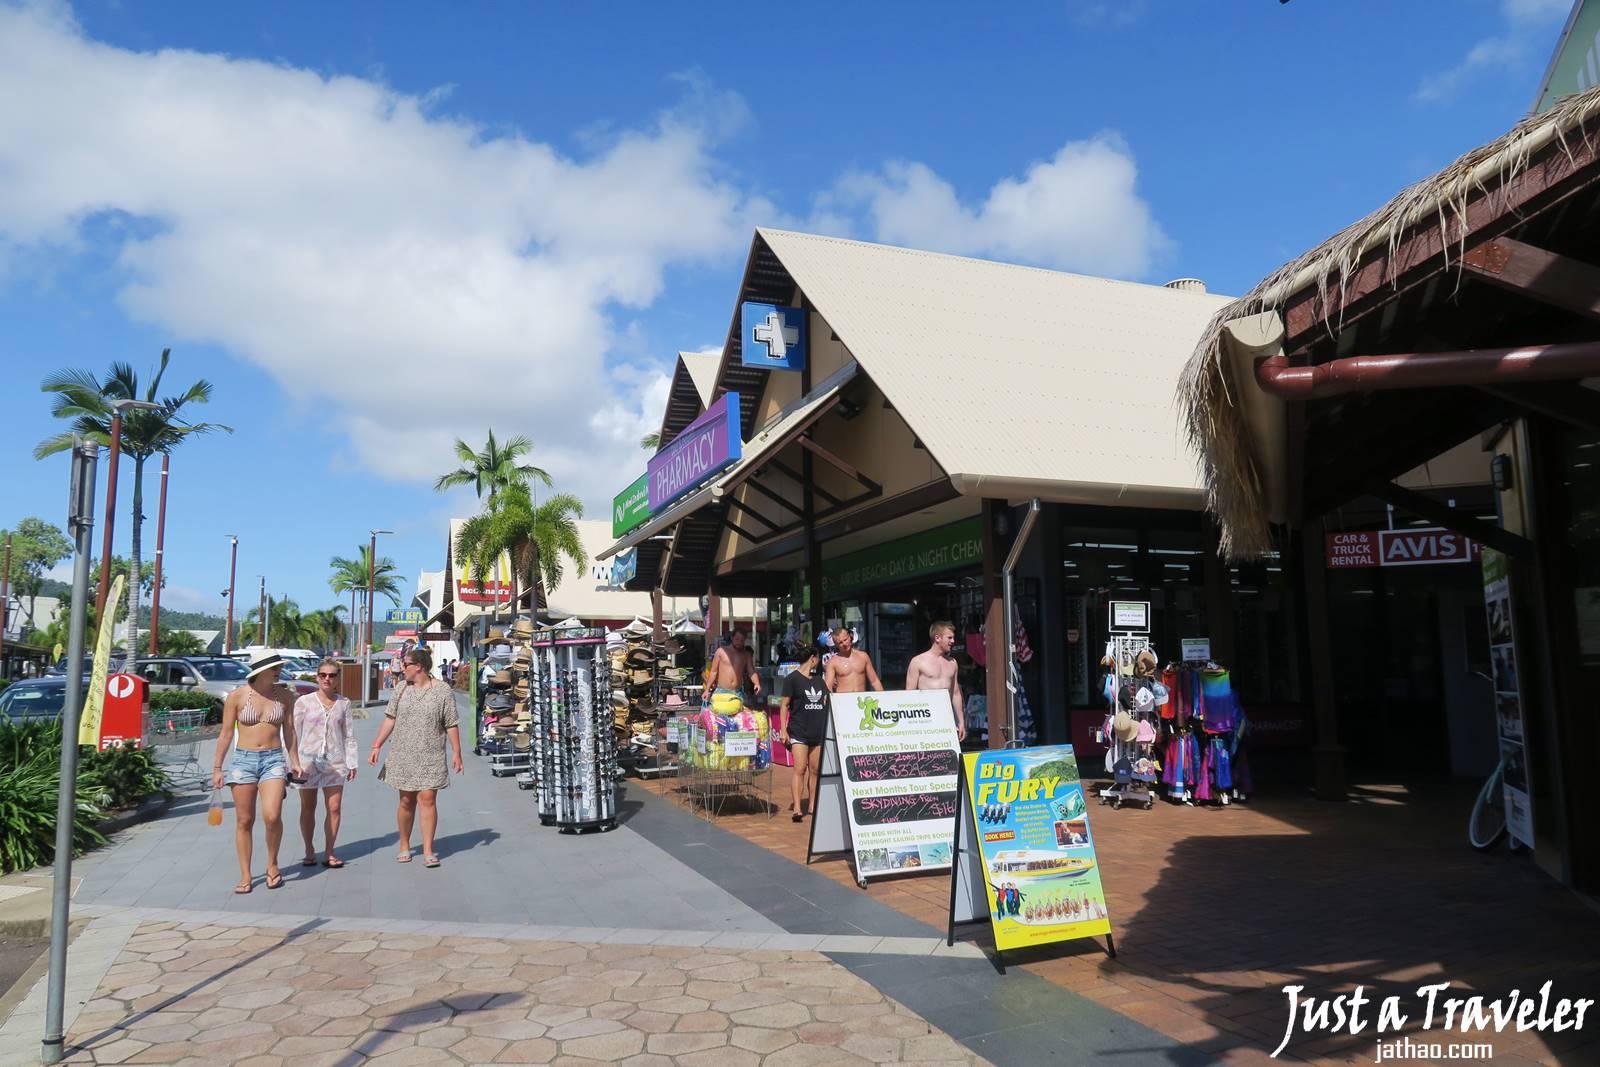 聖靈群島-艾爾利海灘-推薦-景點-市區-旅遊-觀光-行程-遊記-自由行-一日遊-半日遊-Airlie-Beach-Travel-Attraction